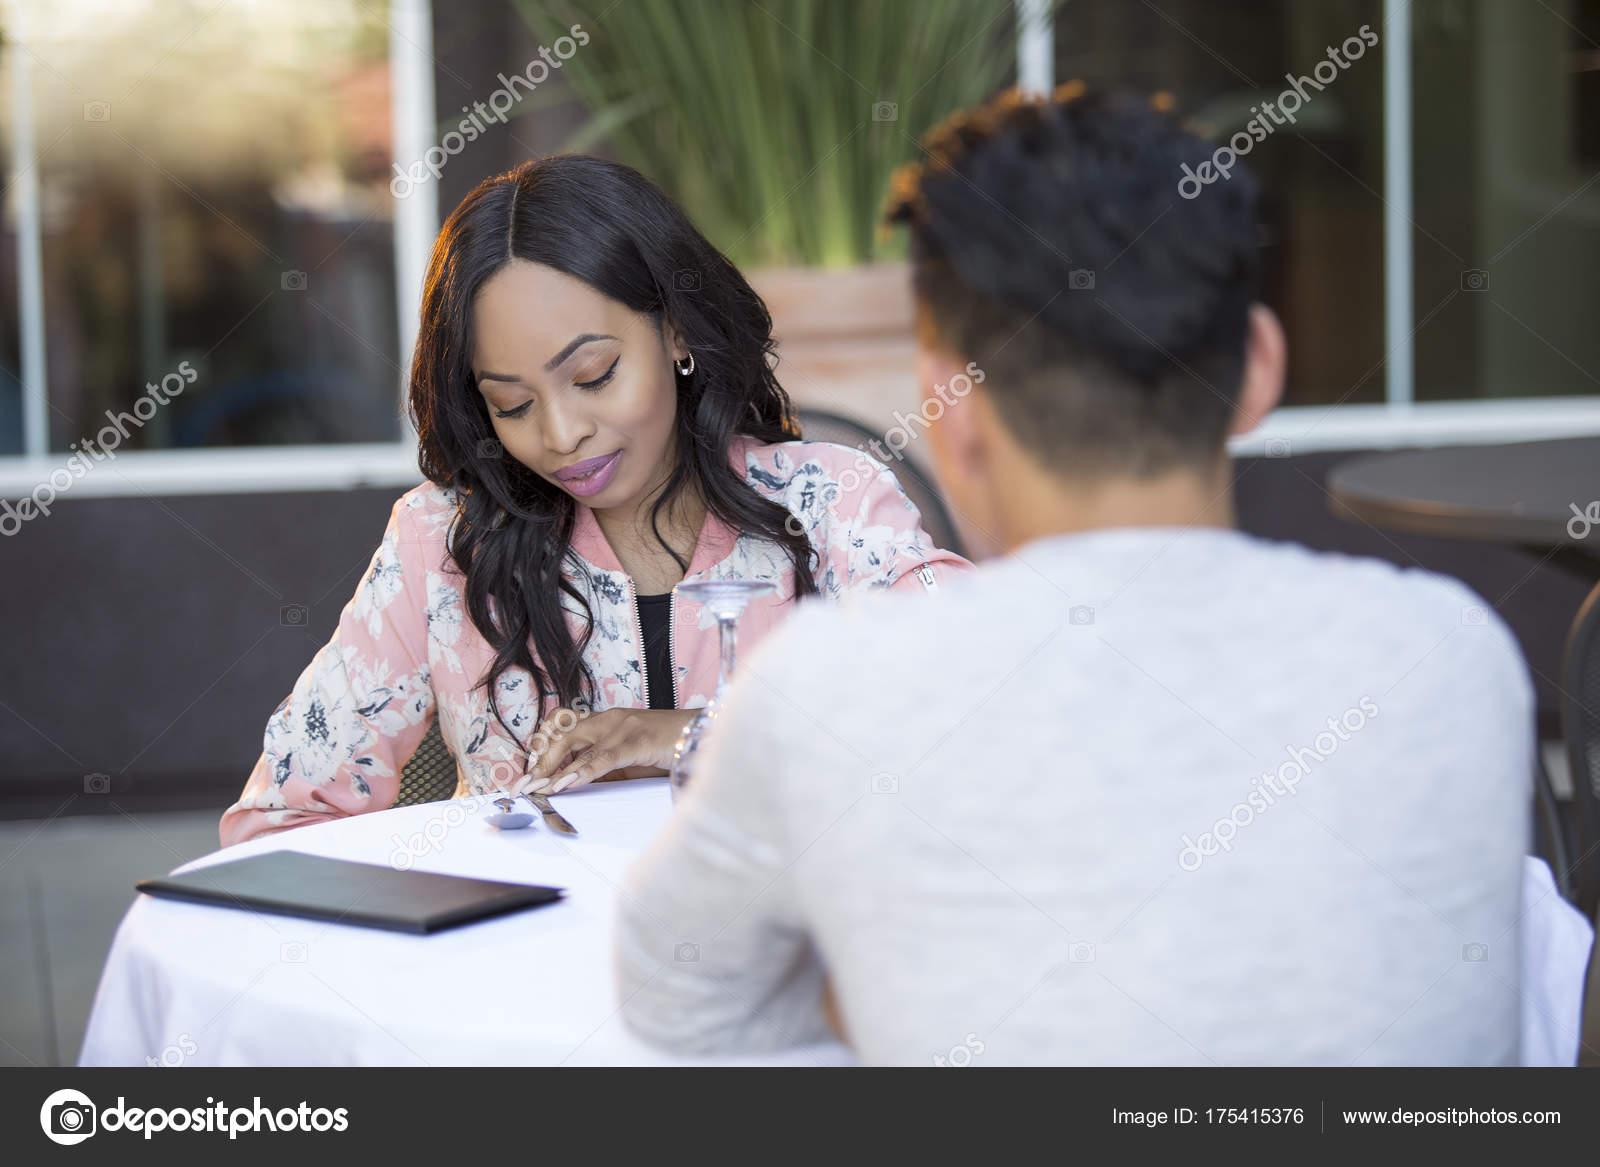 asiatico maschi dating